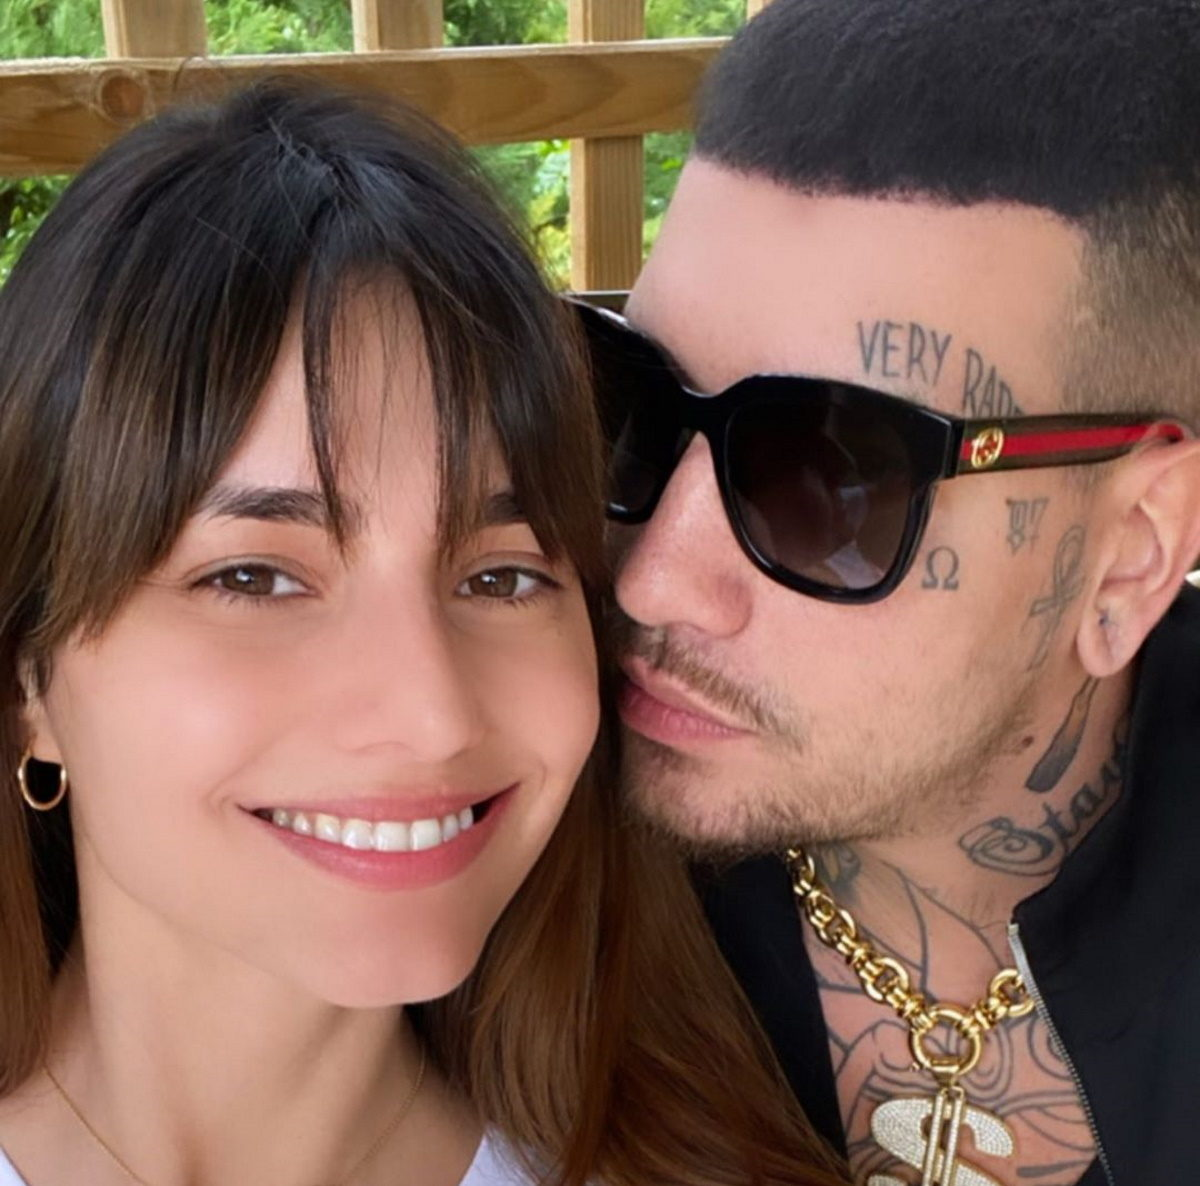 Ηλιάνα Παπαγεωργίου – Snik: Τα τρυφερά φιλιά τους μπροστά από τη κάμερα, στις 5 τα ξημερώματα! Video   tlife.gr